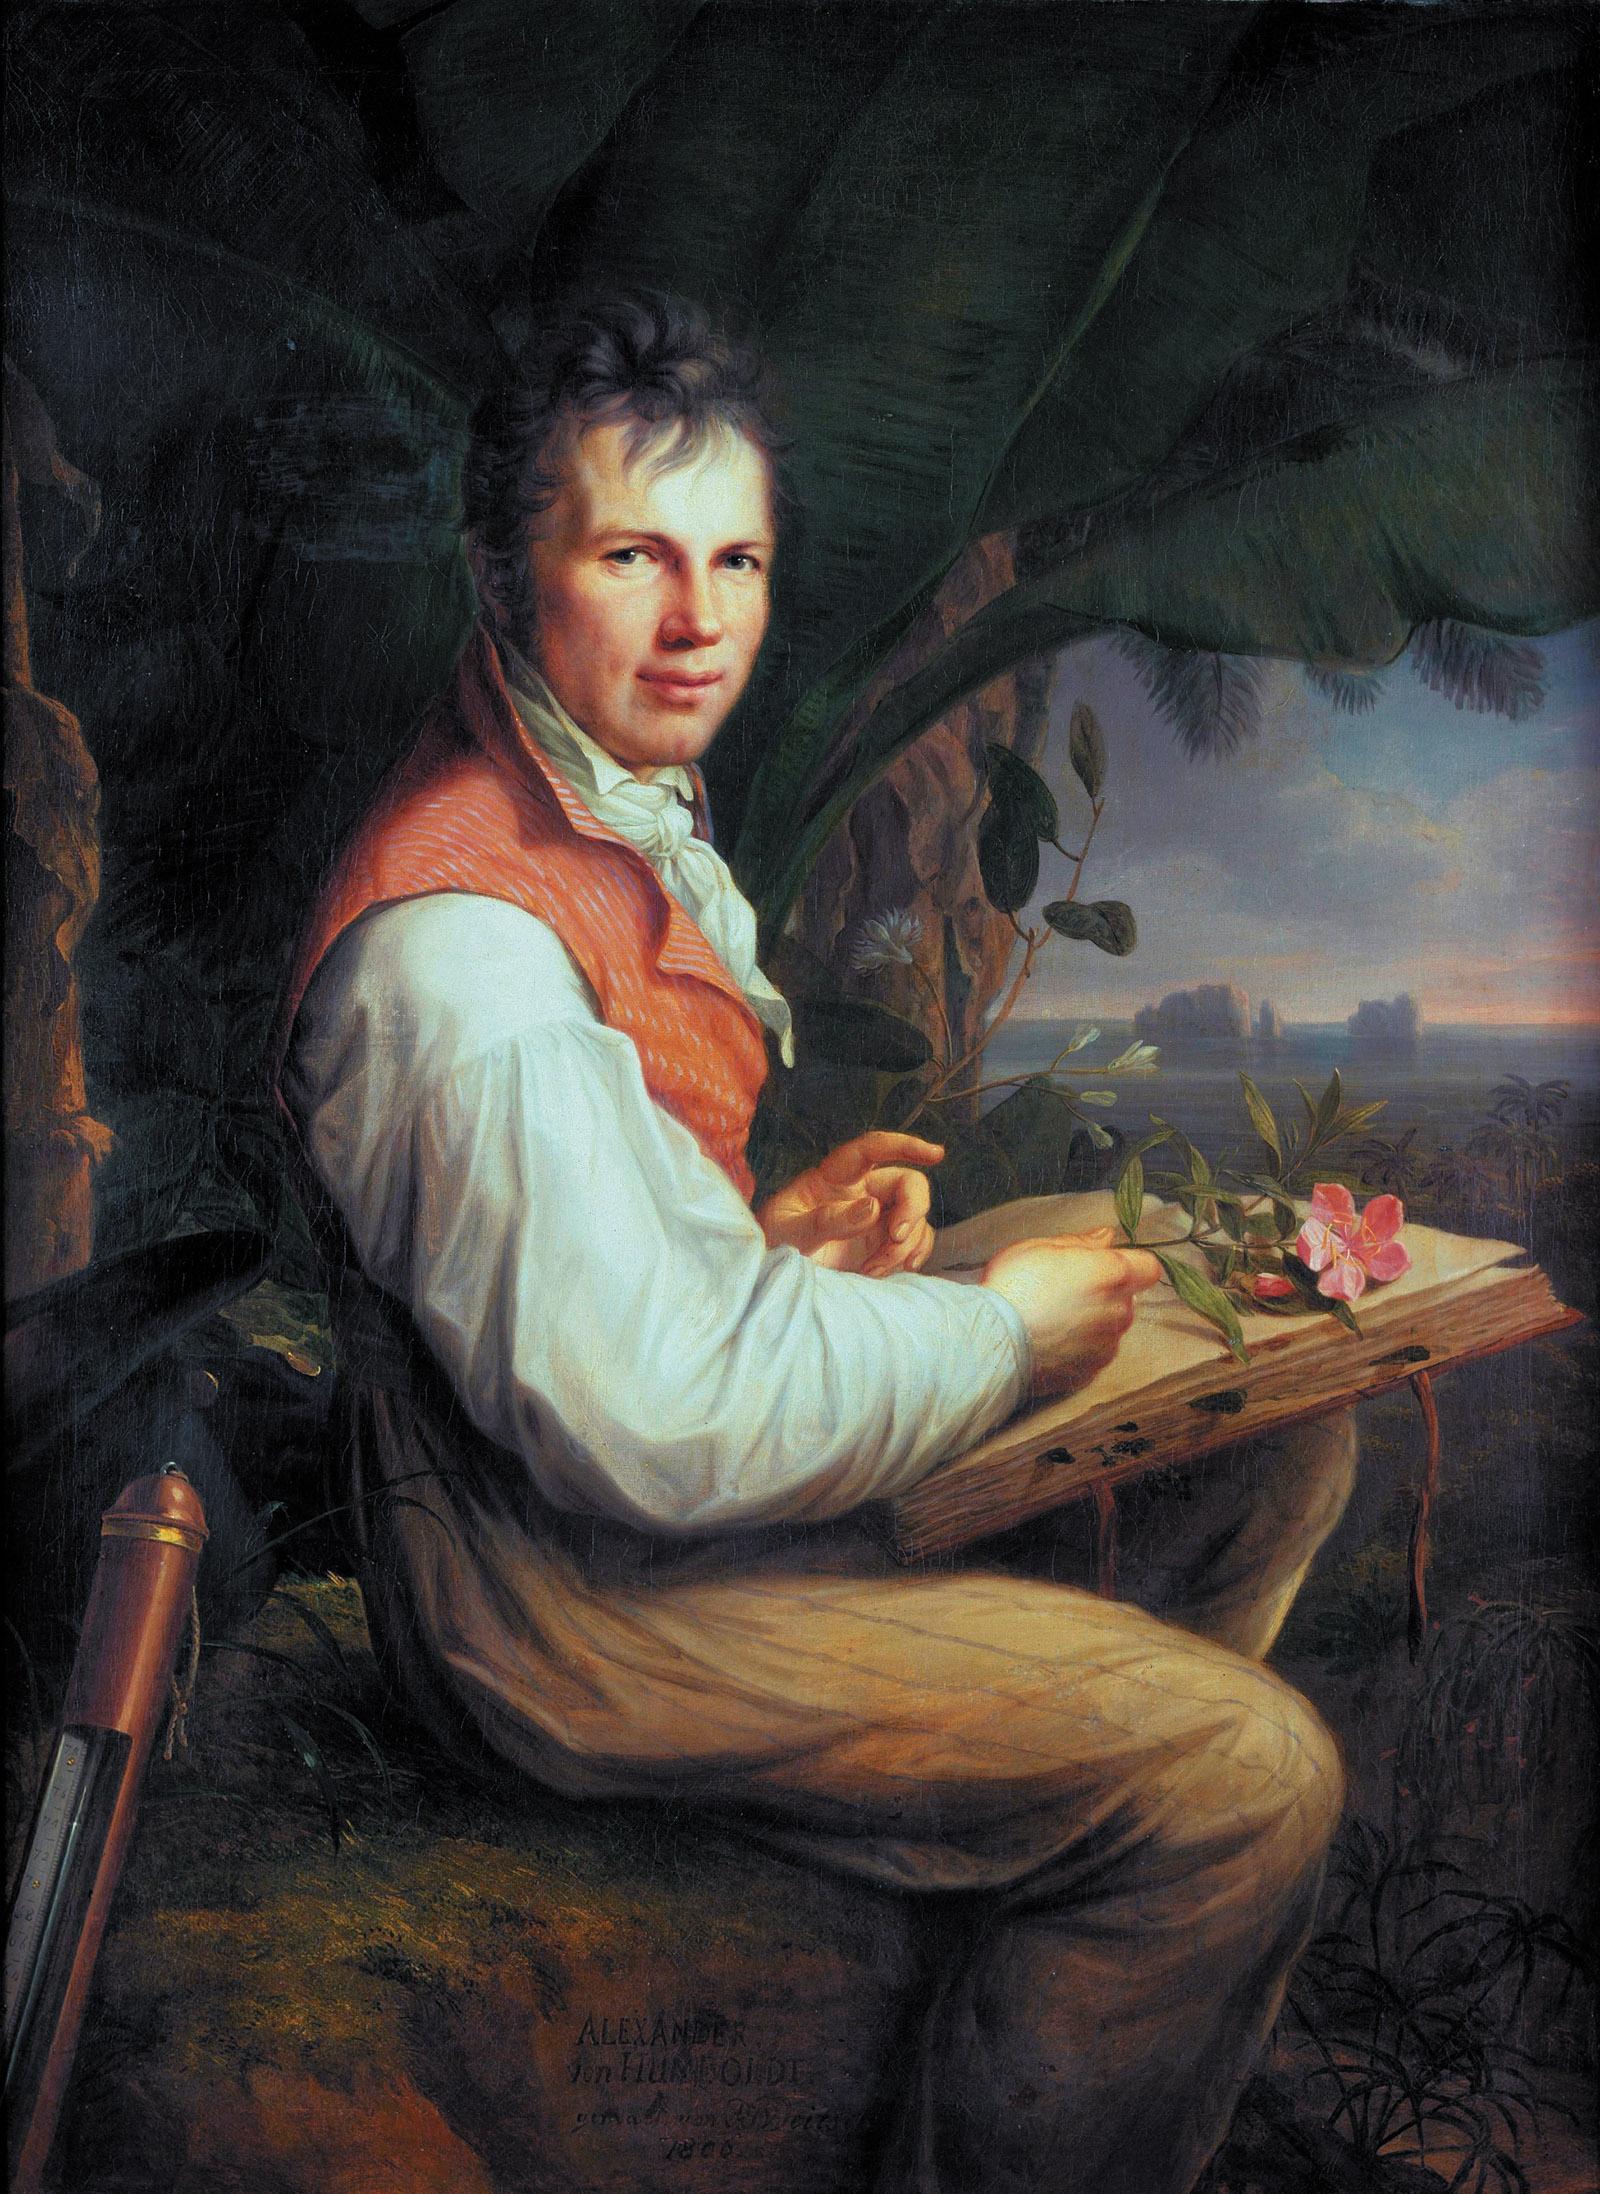 Alexander von Humboldt, 1806 ; painting by Friedrich Georg Weitsch